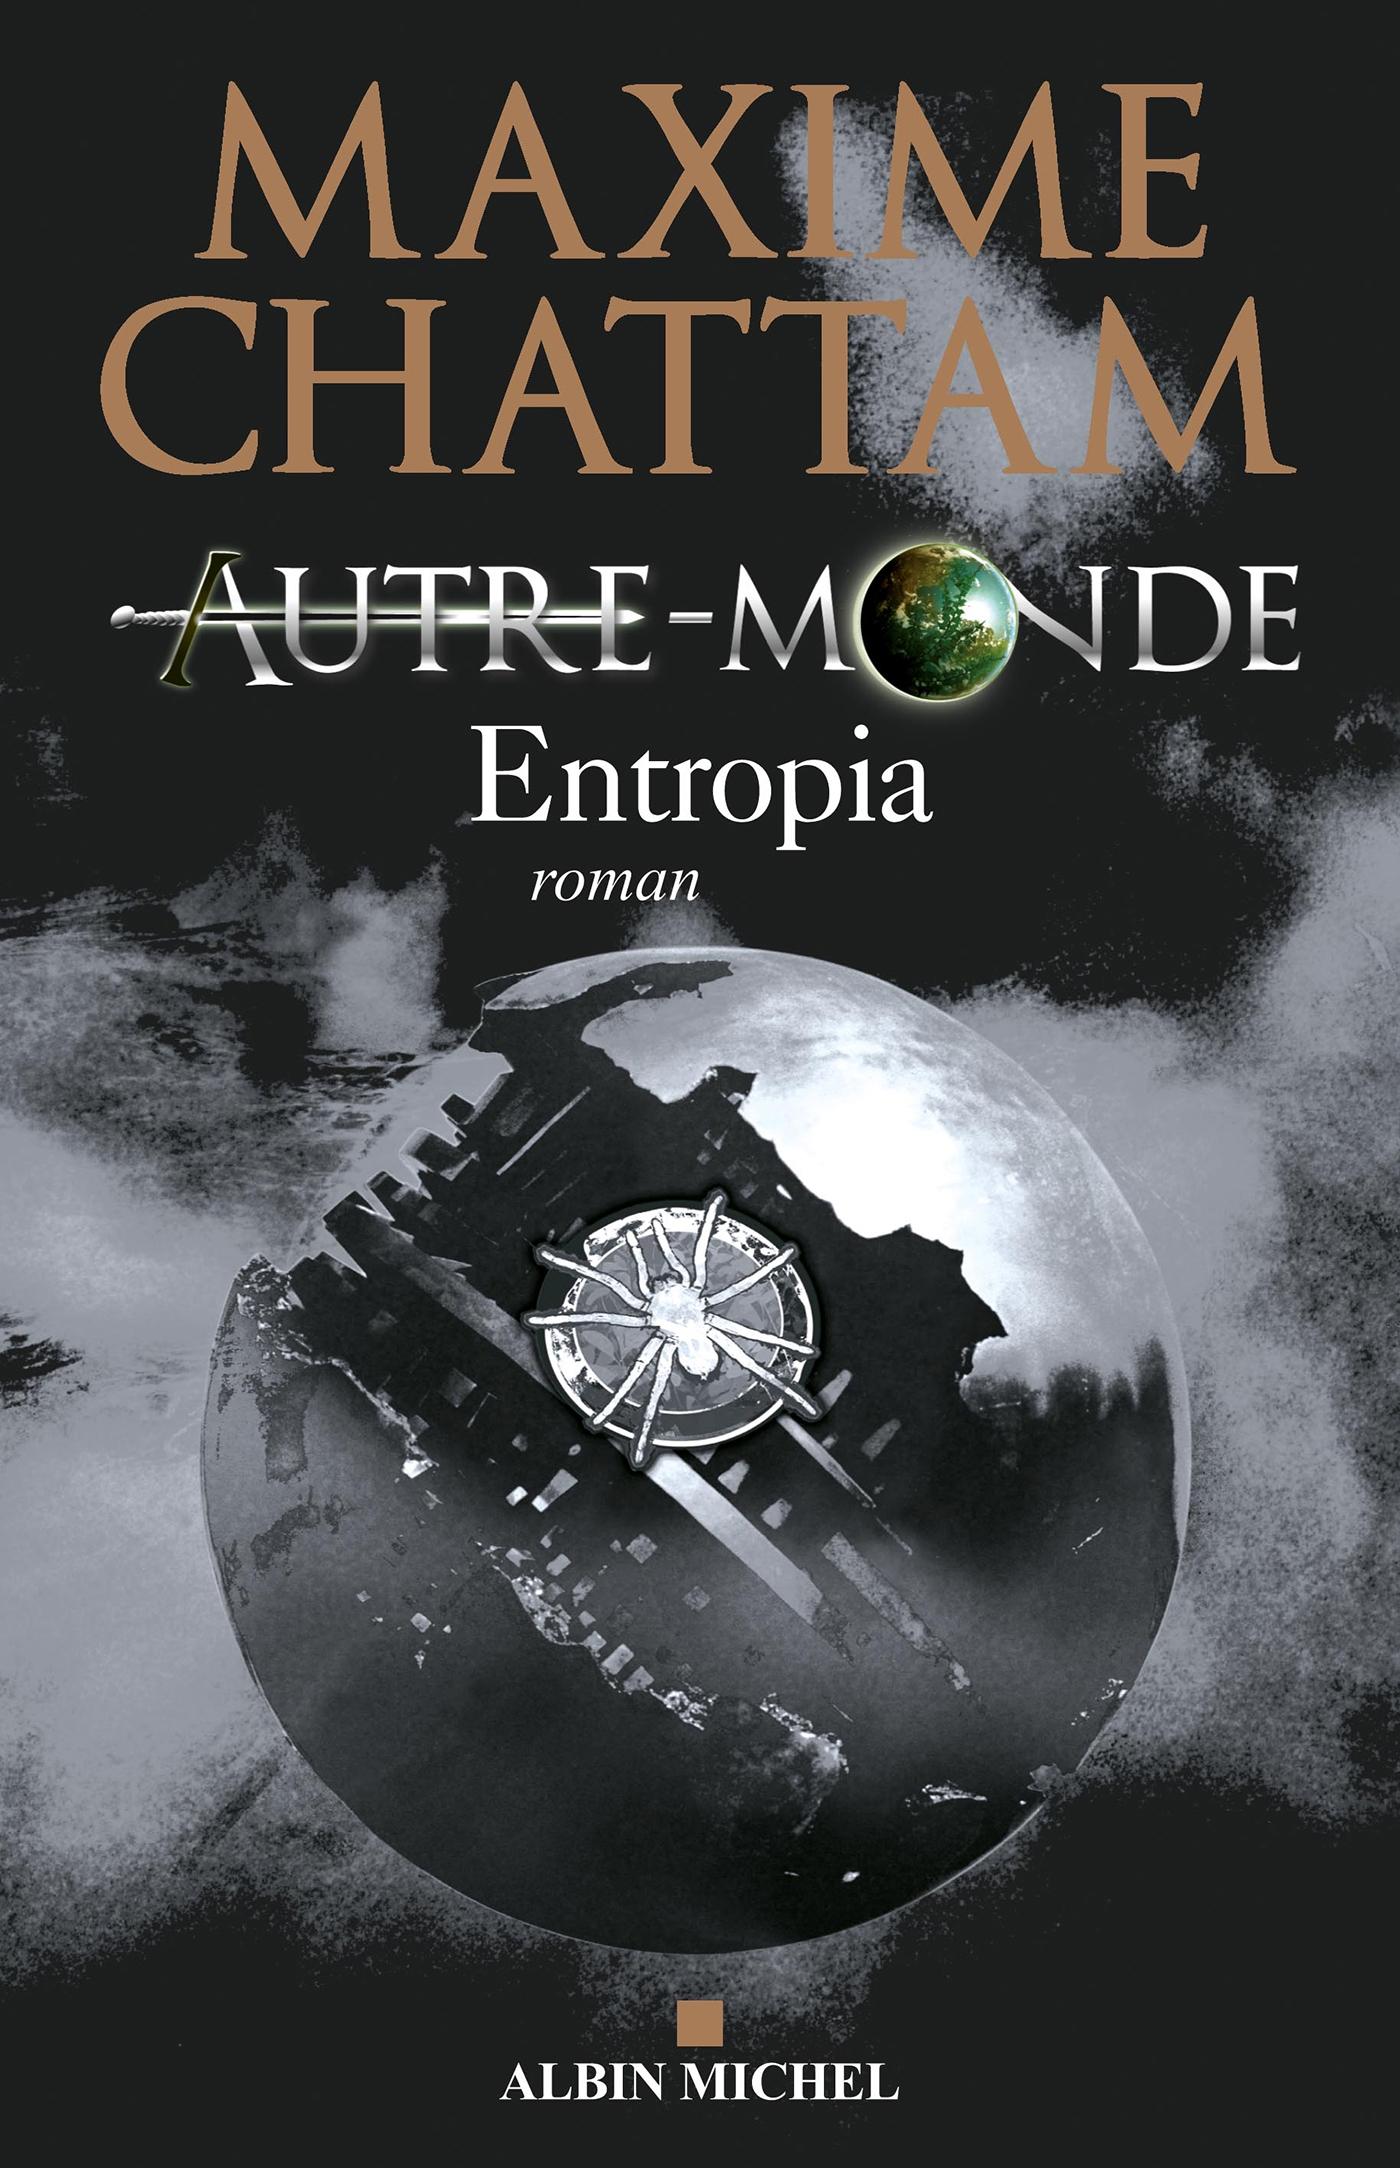 Autre-monde - tome 4 | Chattam, Maxime. Auteur